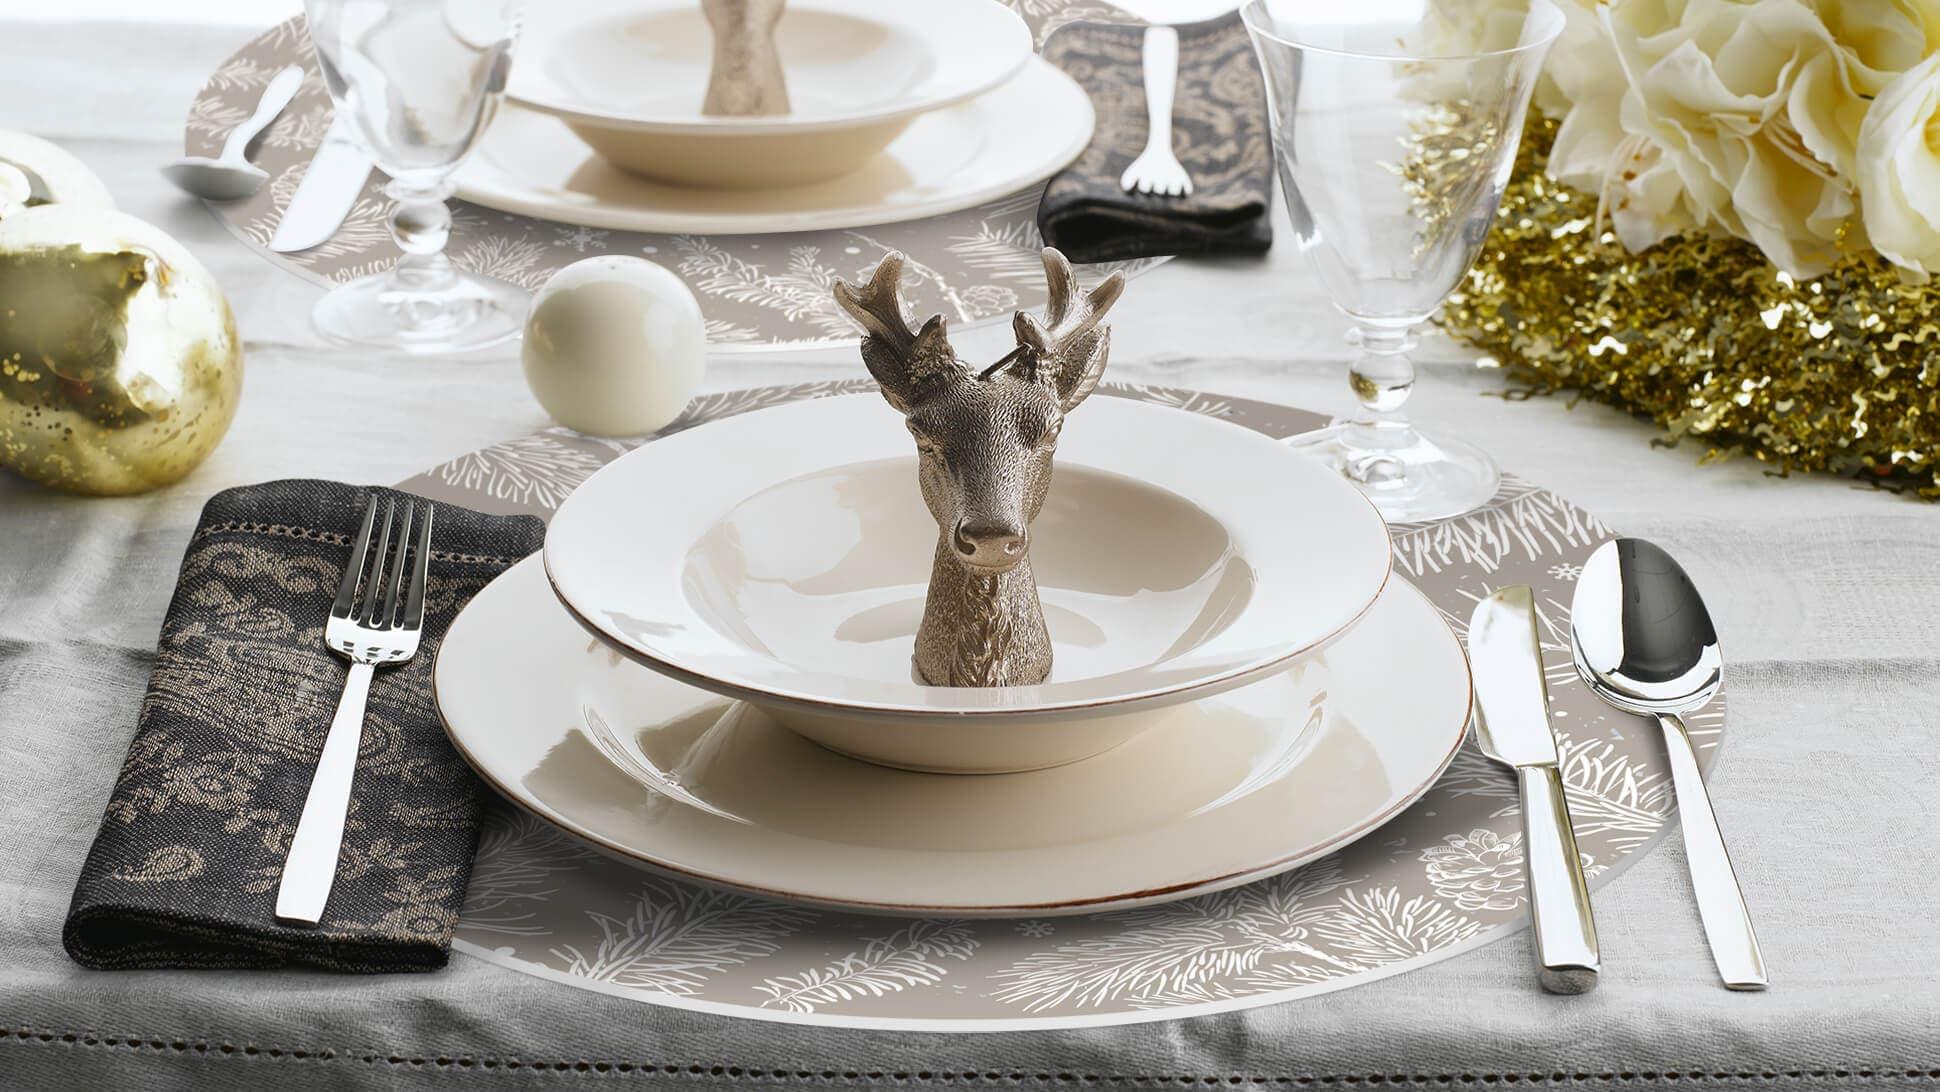 Sottopiatto in Forex per allestimenti natalizi delle tavole | tictac.it